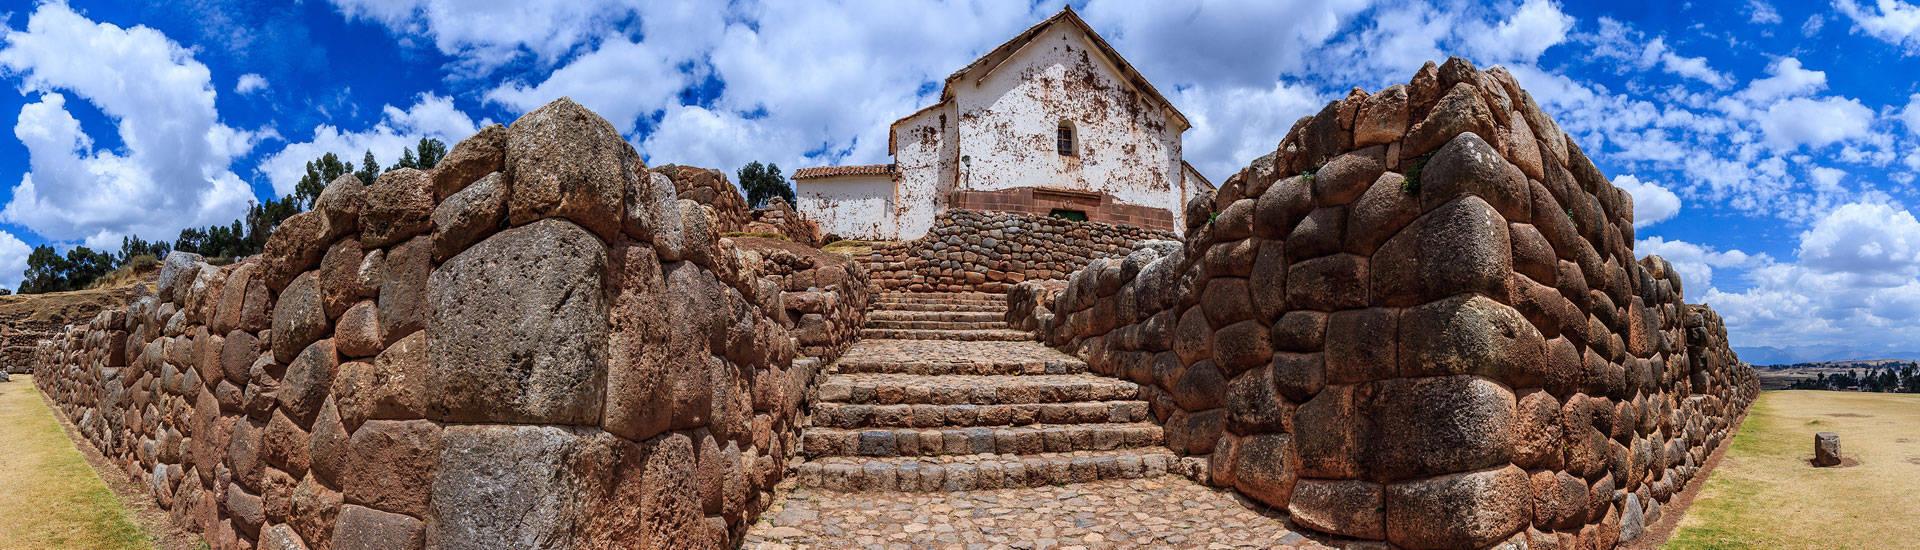 Valle Sagrado de los Incas 01 Día.